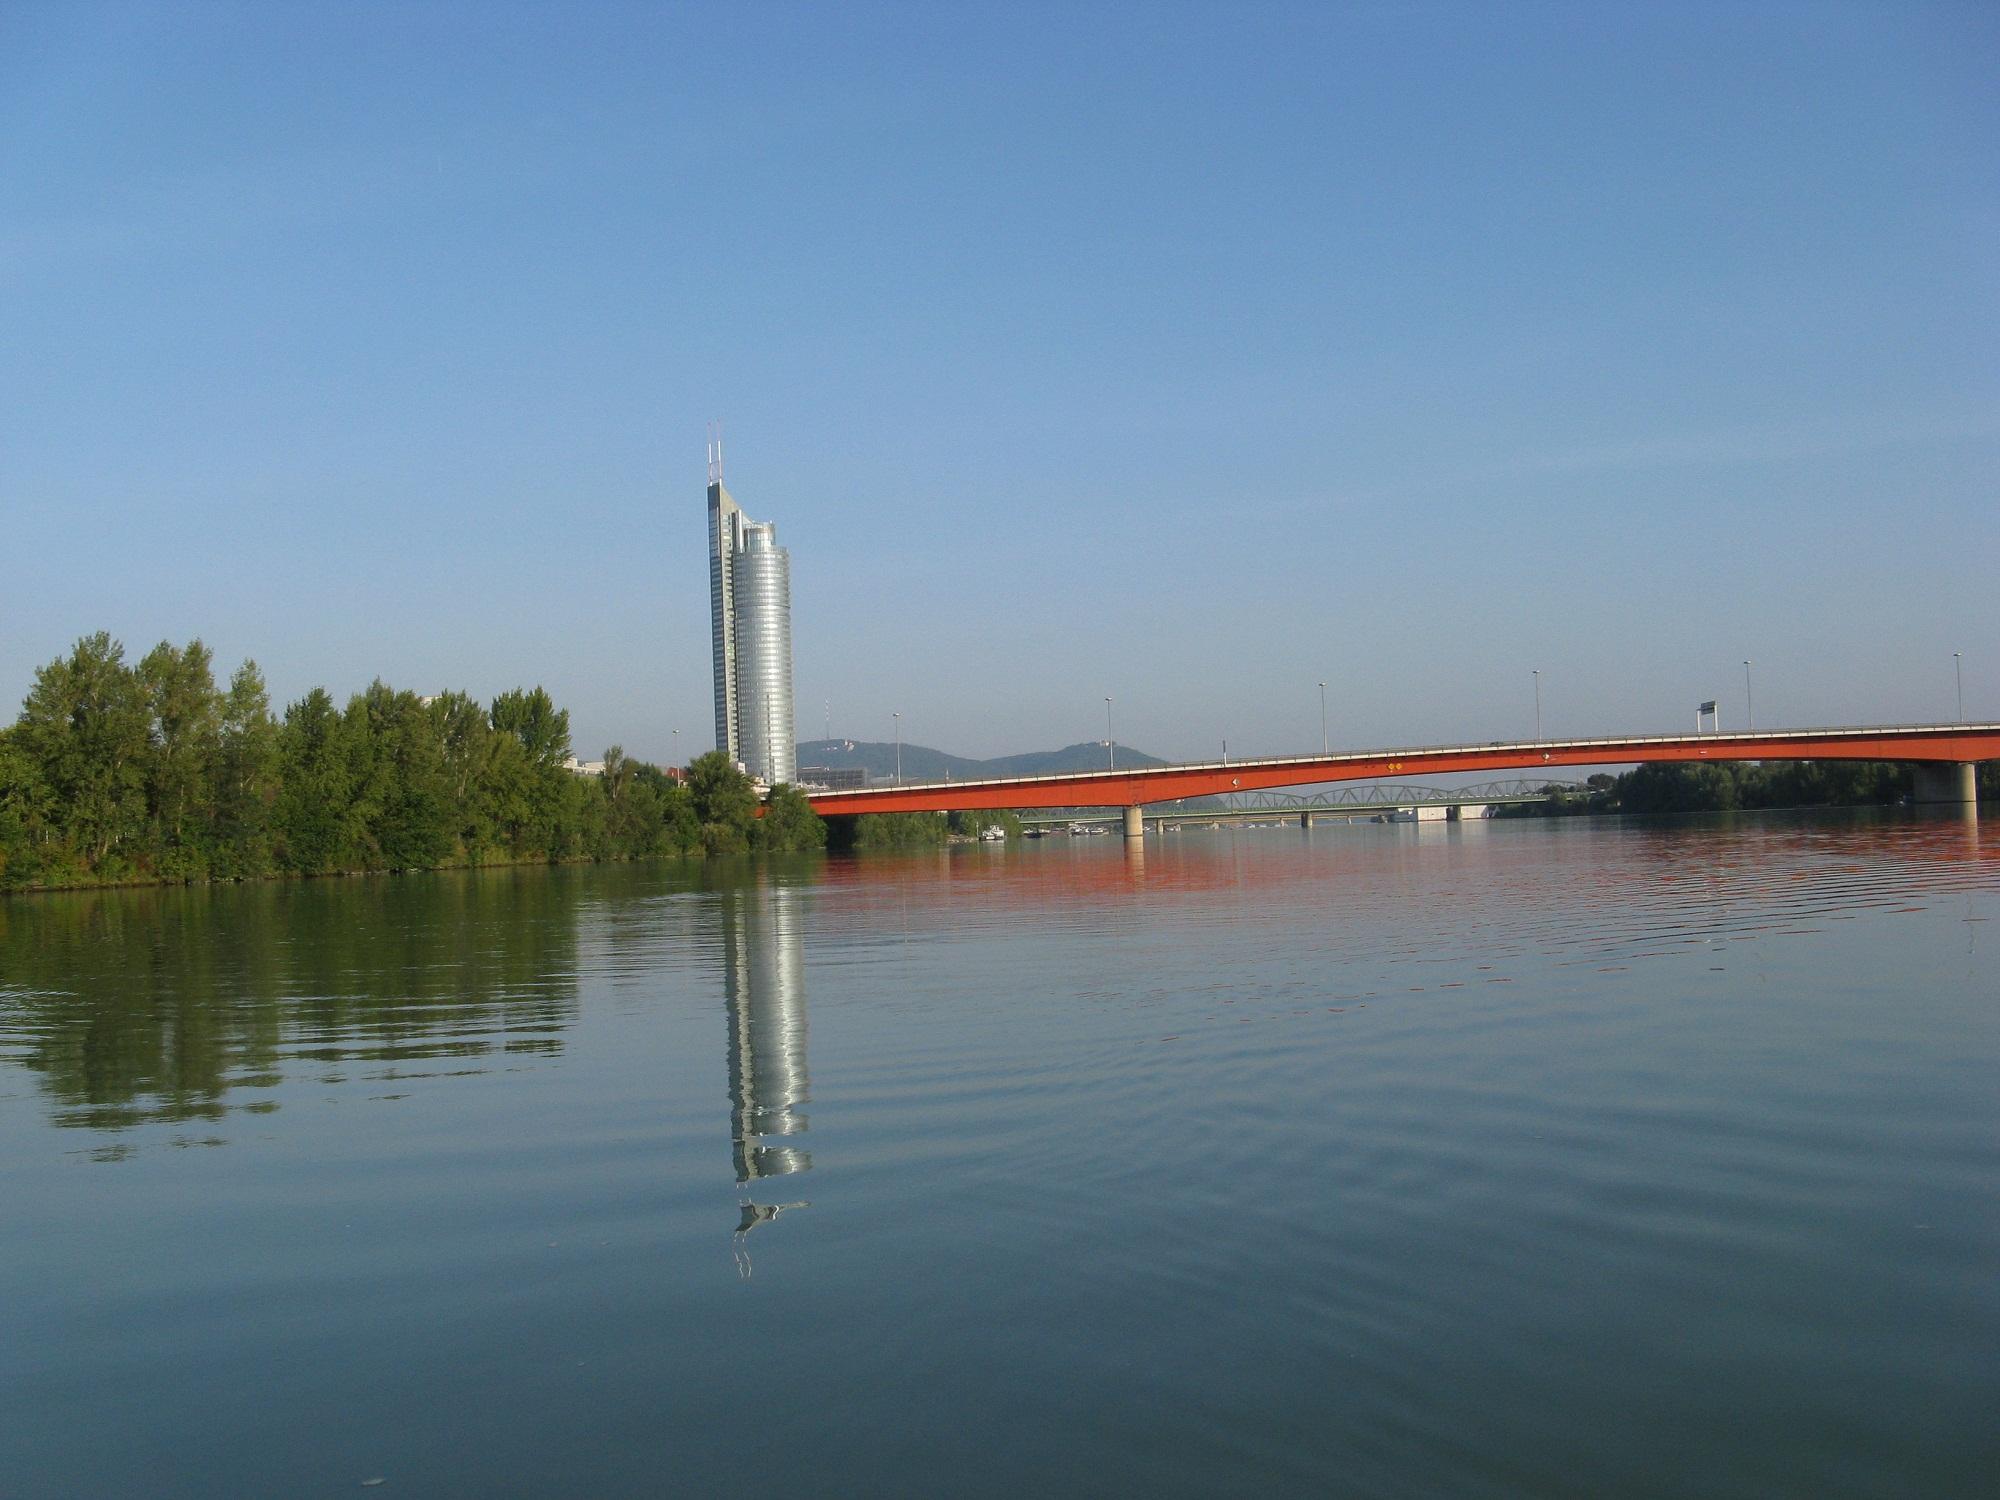 Ganz in der Früh ist meist kein Wind und die Donau ist glatt wie ein See: Brigittenauer Brücke mit Millennium Tower.